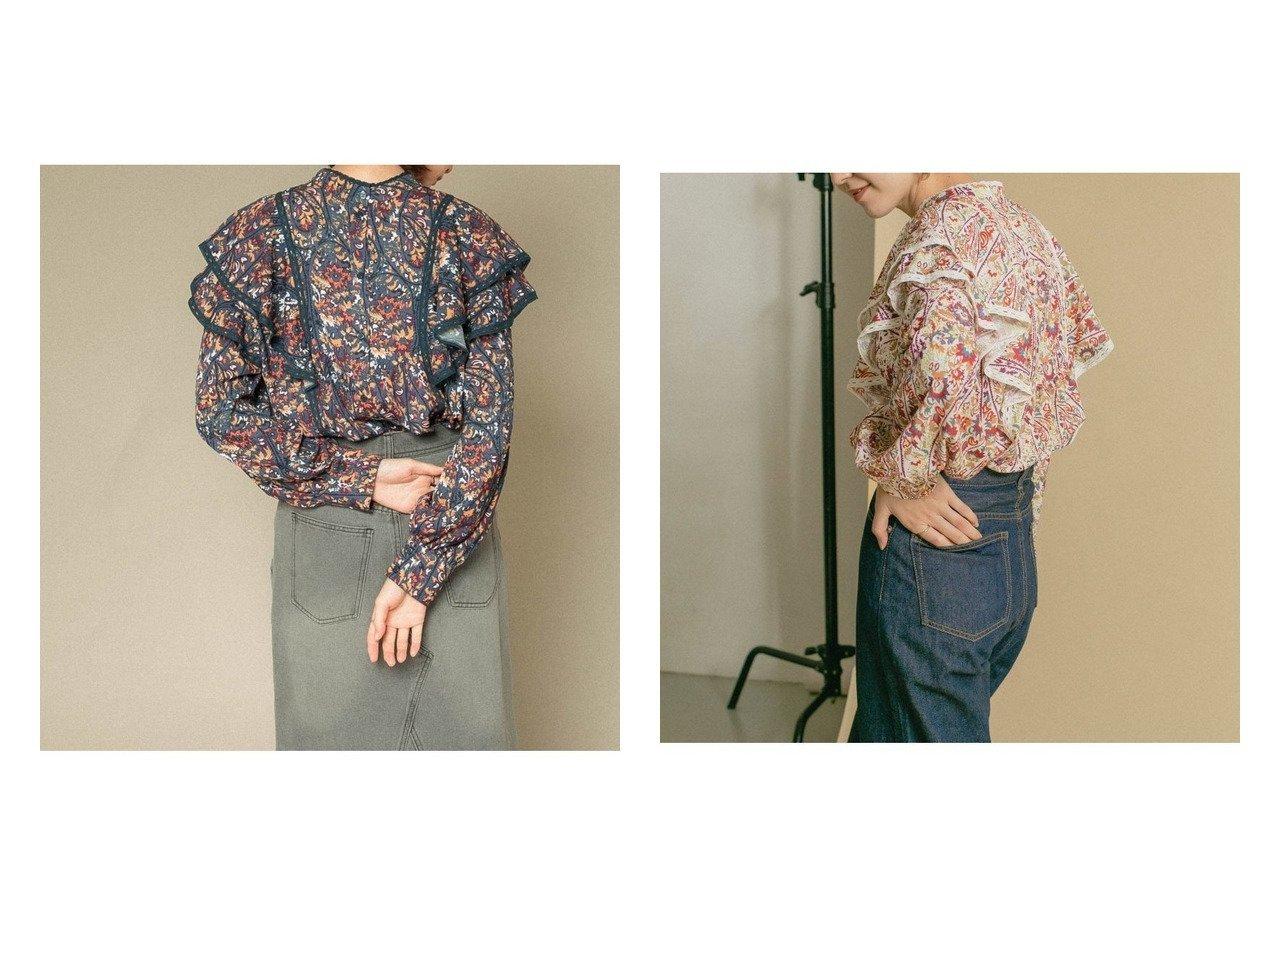 【KBF / URBAN RESEARCH/ケービーエフ】の前後2WAYフリルシャツ おすすめ!人気、トレンド・レディースファッションの通販 おすすめで人気の流行・トレンド、ファッションの通販商品 インテリア・家具・メンズファッション・キッズファッション・レディースファッション・服の通販 founy(ファニー) https://founy.com/ ファッション Fashion レディースファッション WOMEN トップス・カットソー Tops/Tshirt シャツ/ブラウス Shirts/Blouses おすすめ Recommend オリエンタル ガーリー ショート フェミニン フリル プリント ベーシック ボトム レース |ID:crp329100000062525